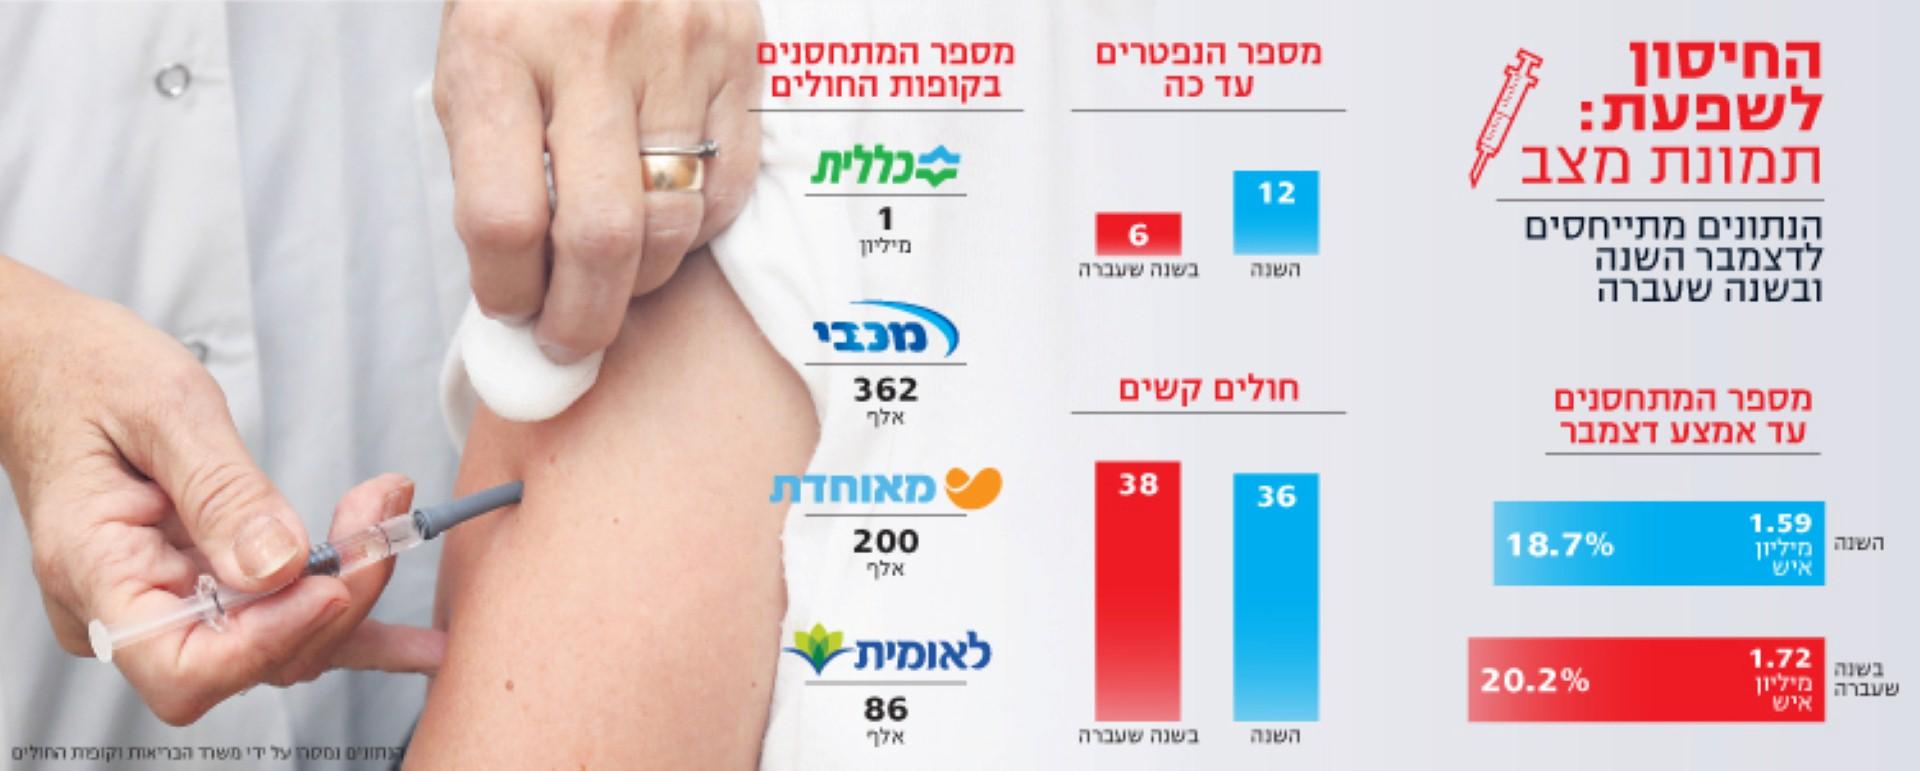 שאננות? למה הישראלים מתחסנים פחות לשפעת 3_(Large)